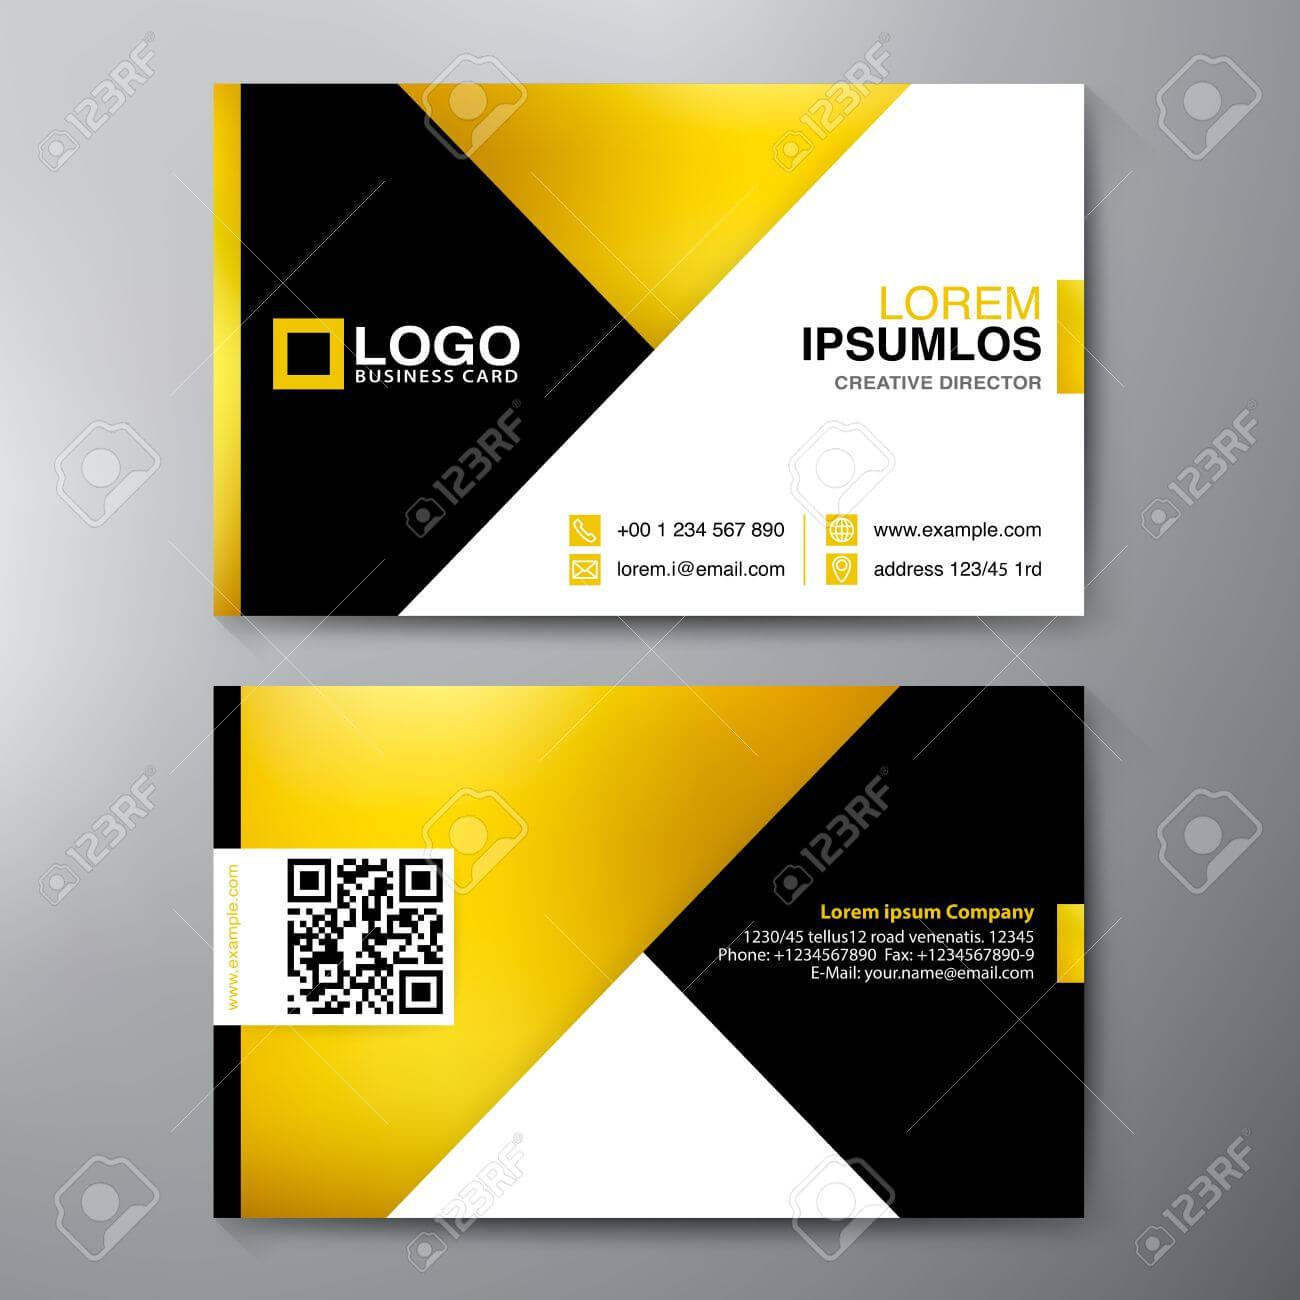 Modern Business Card Design Template. Vector Illustration With Regard To Modern Business Card Design Templates